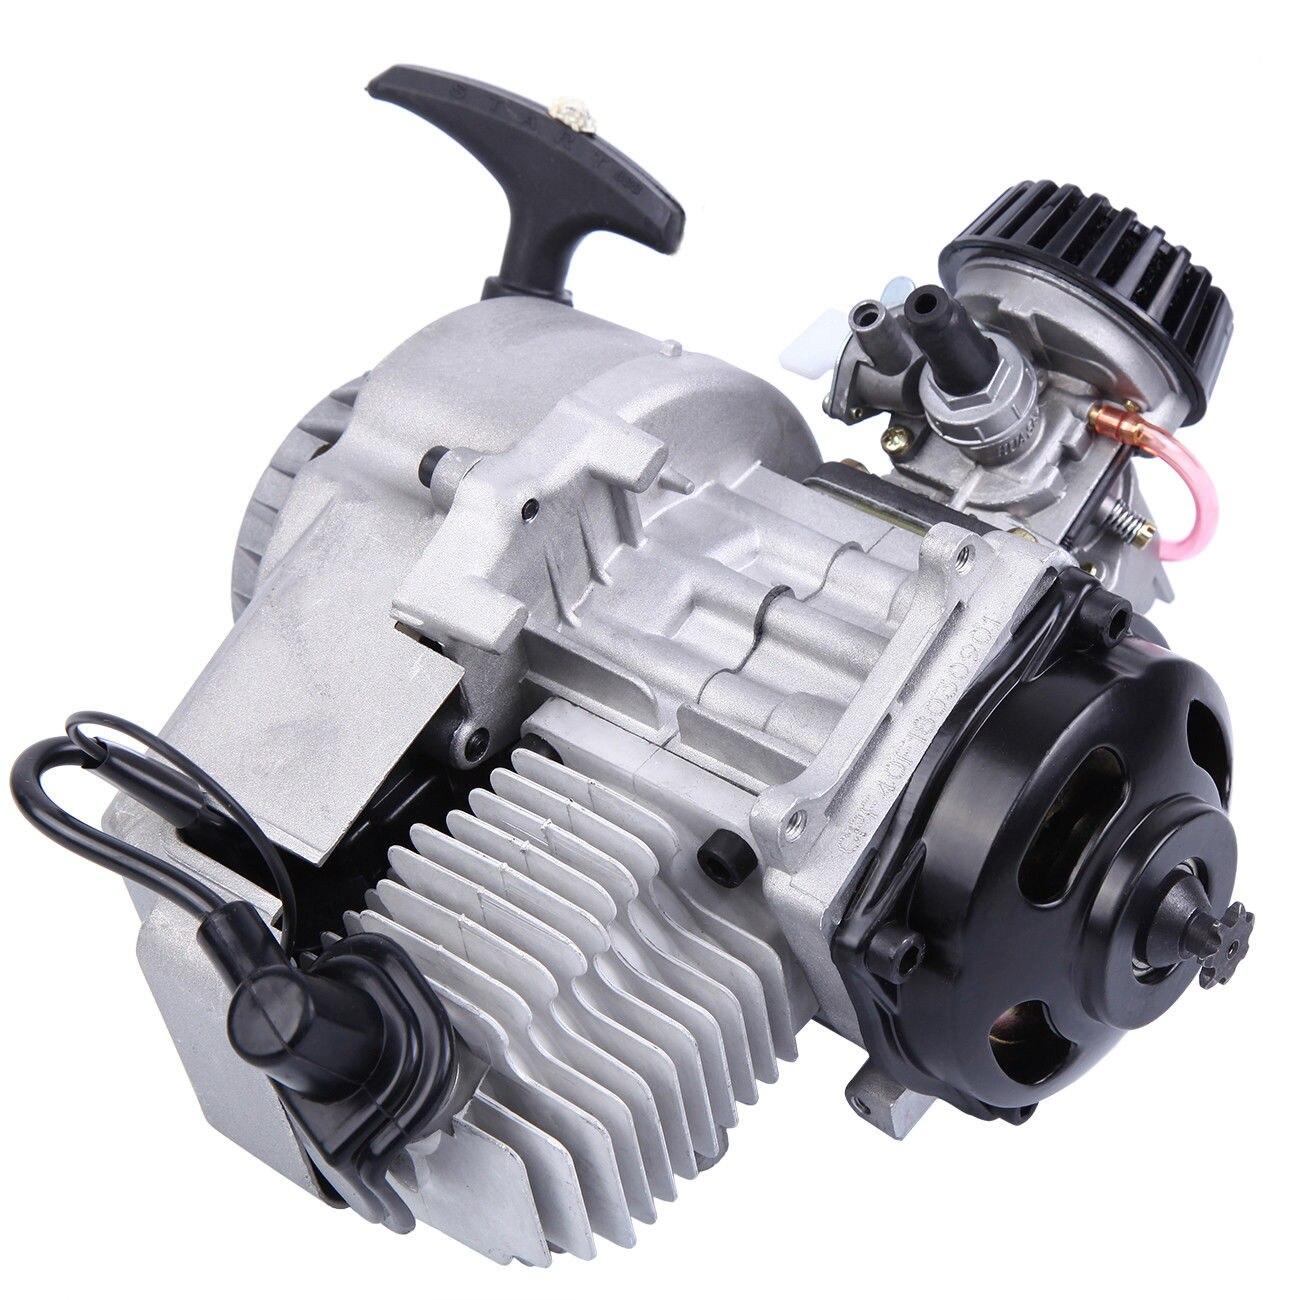 Samger 49CC 2 Stroke Mini Engine Motor Start Engine For Motorcycle Dirt Bike Pocket Bike ATV